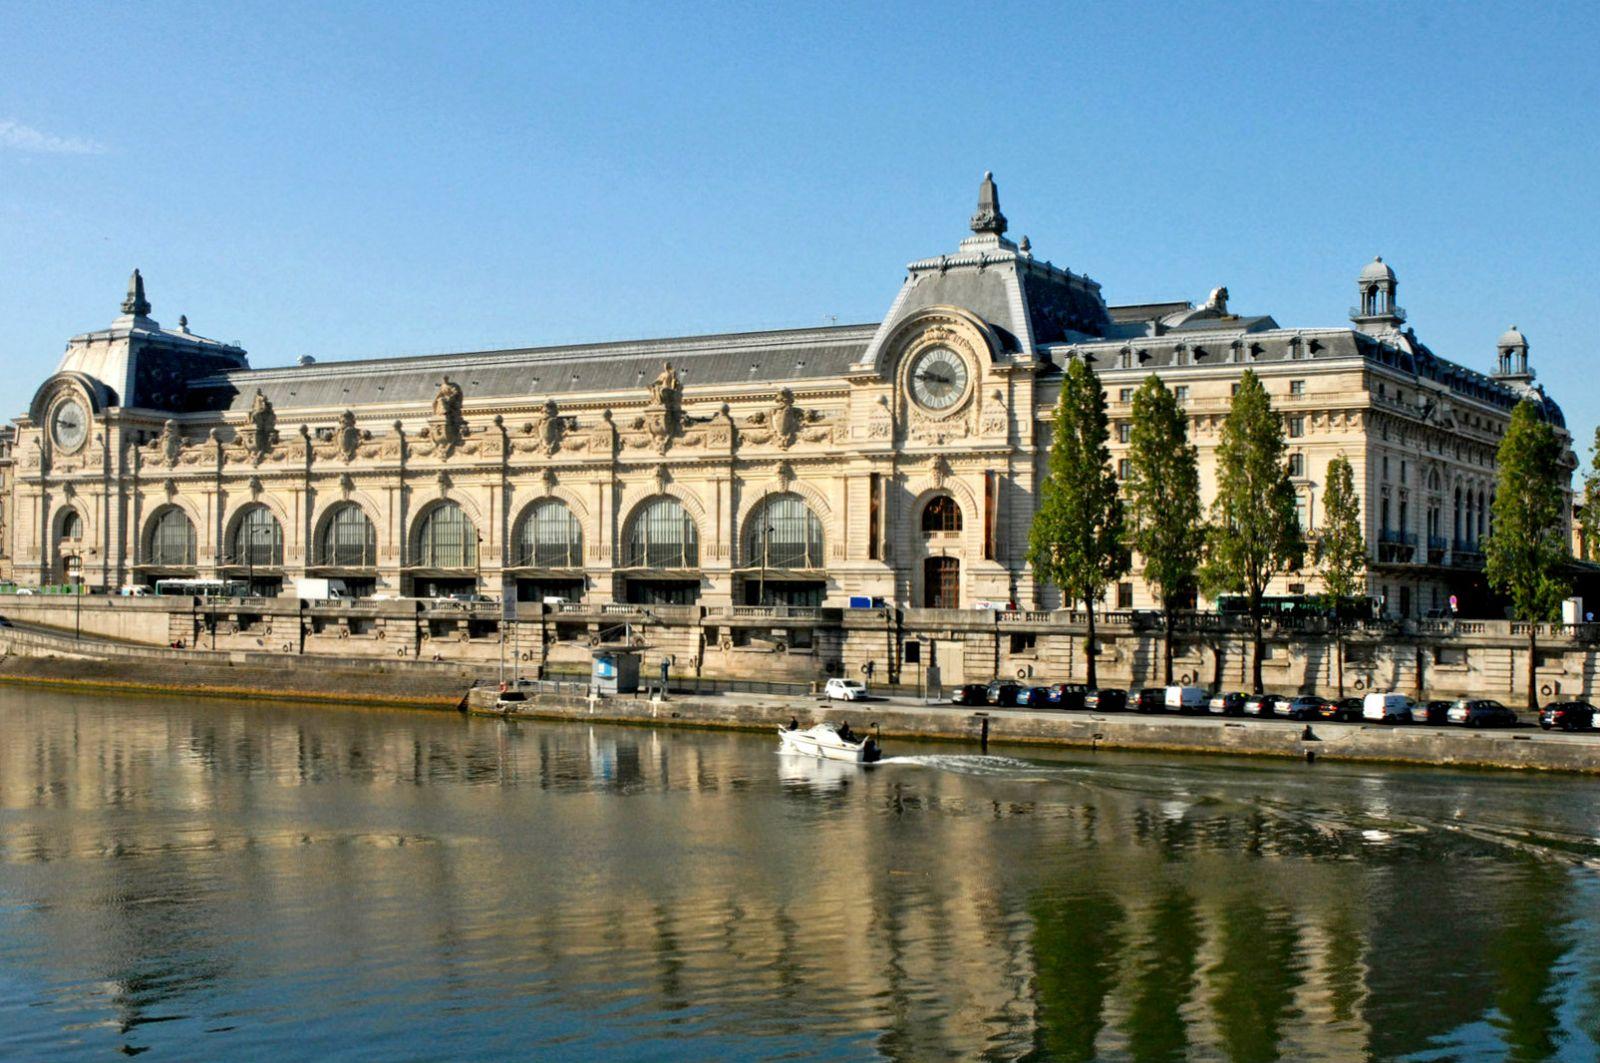 法國-巴黎-奧賽美術館 | Travel Pro 旅行專業評論